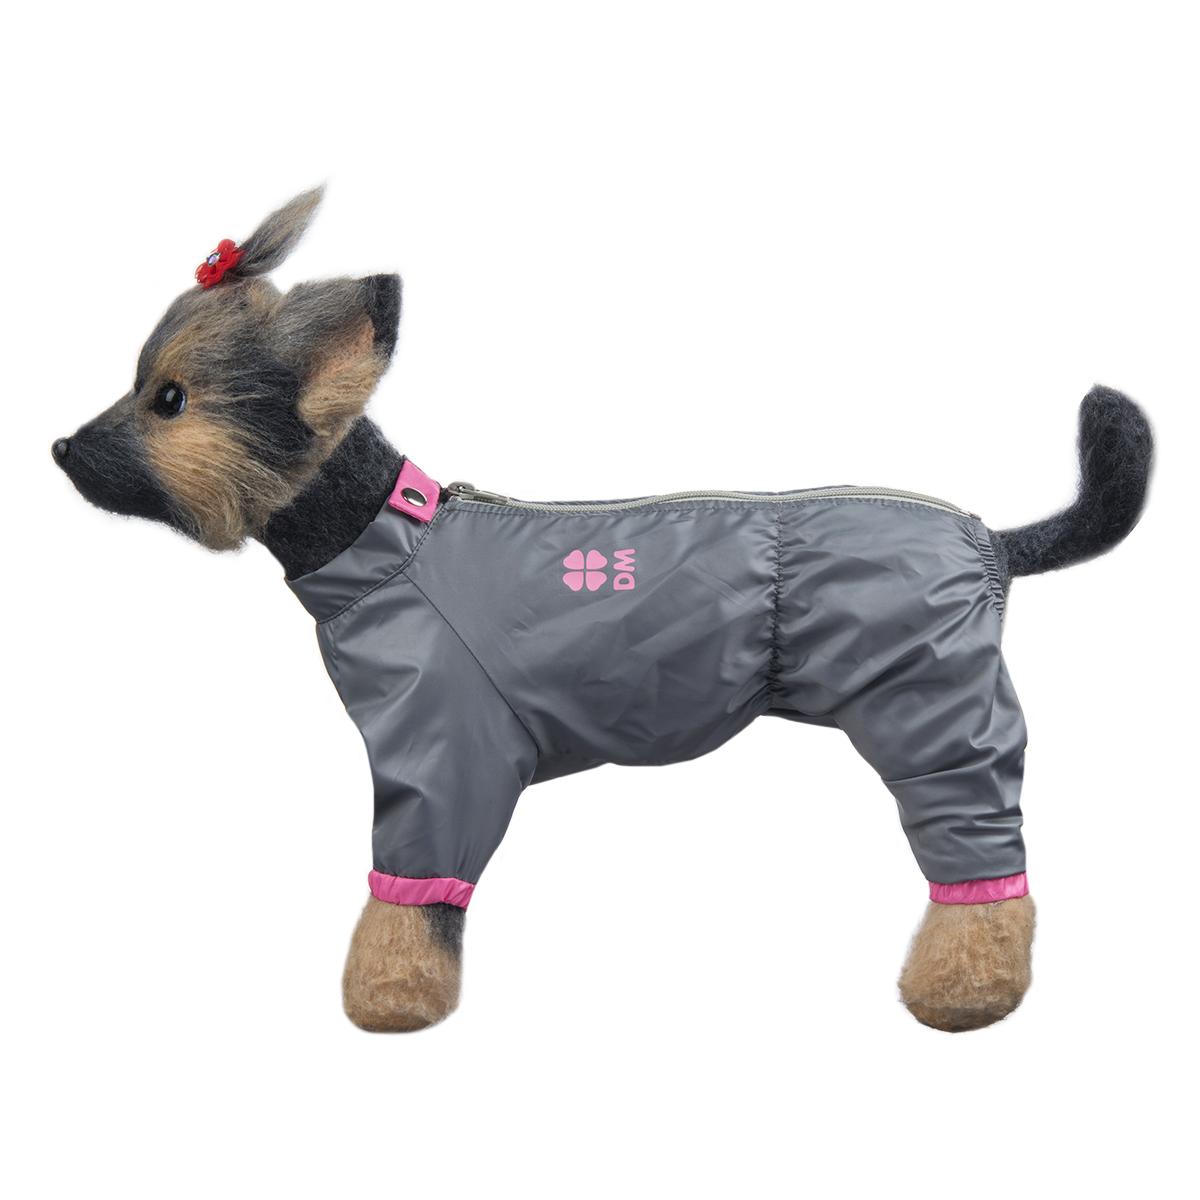 Комбинезон для собак Dogmoda Тревел, для девочки, цвет: серый, розовый. Размер 4 (XL) комбинезоны для животных dogmoda комбинезон doggs active 70 сука